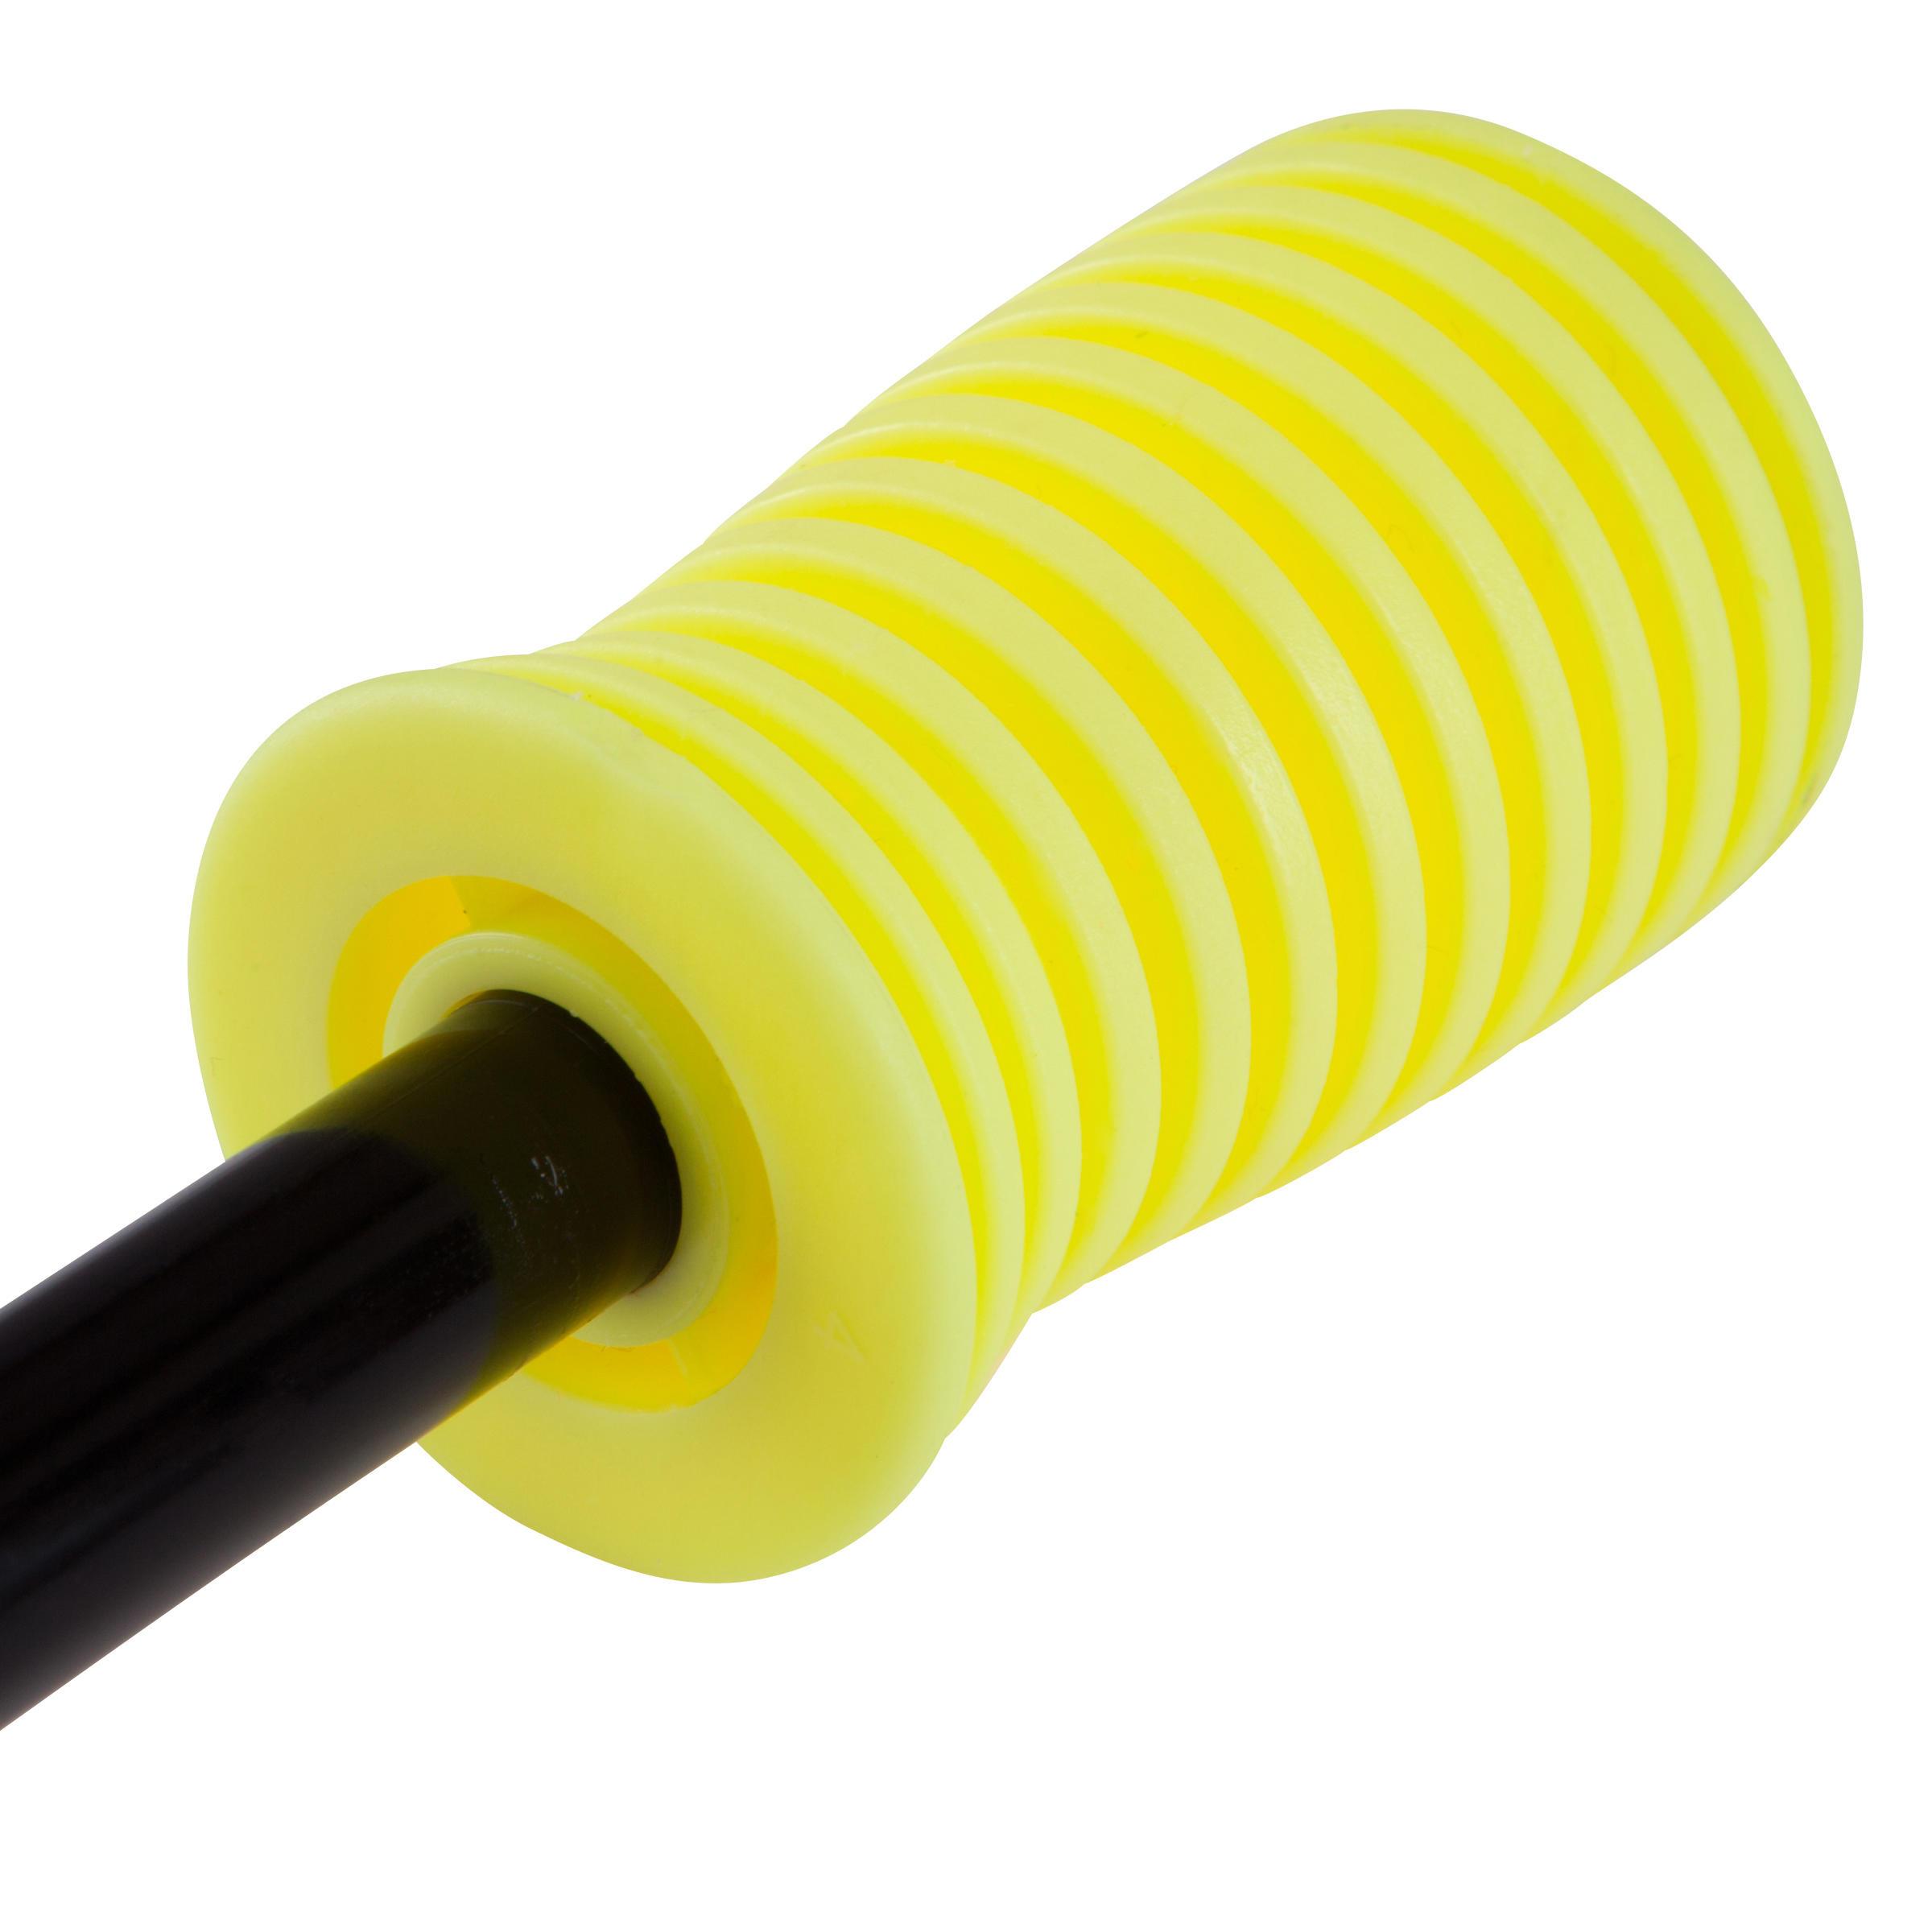 Pompe double action jaune noire